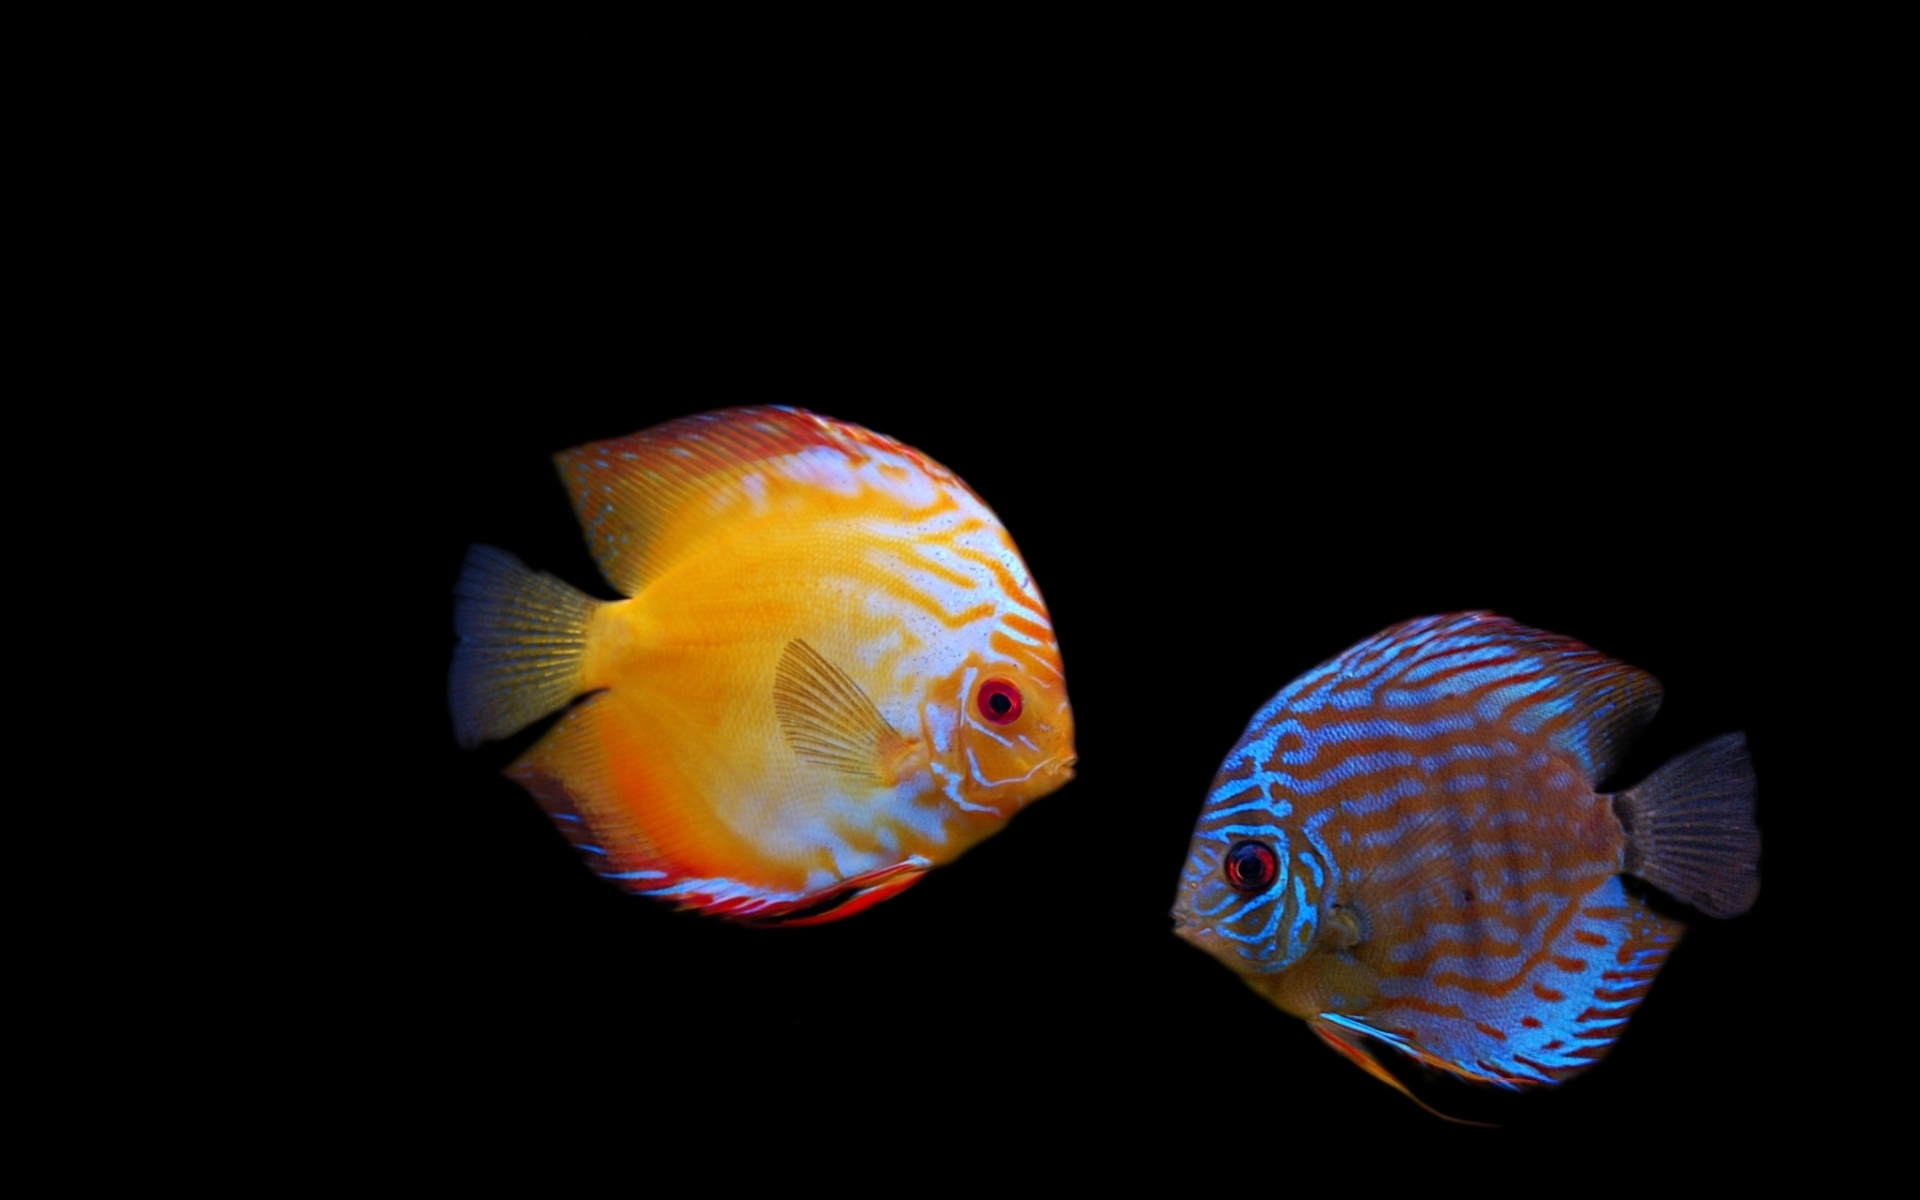 poissons avec une belle couleur 1920x1200 wallpapers Fond dcran 3D 1920x1200